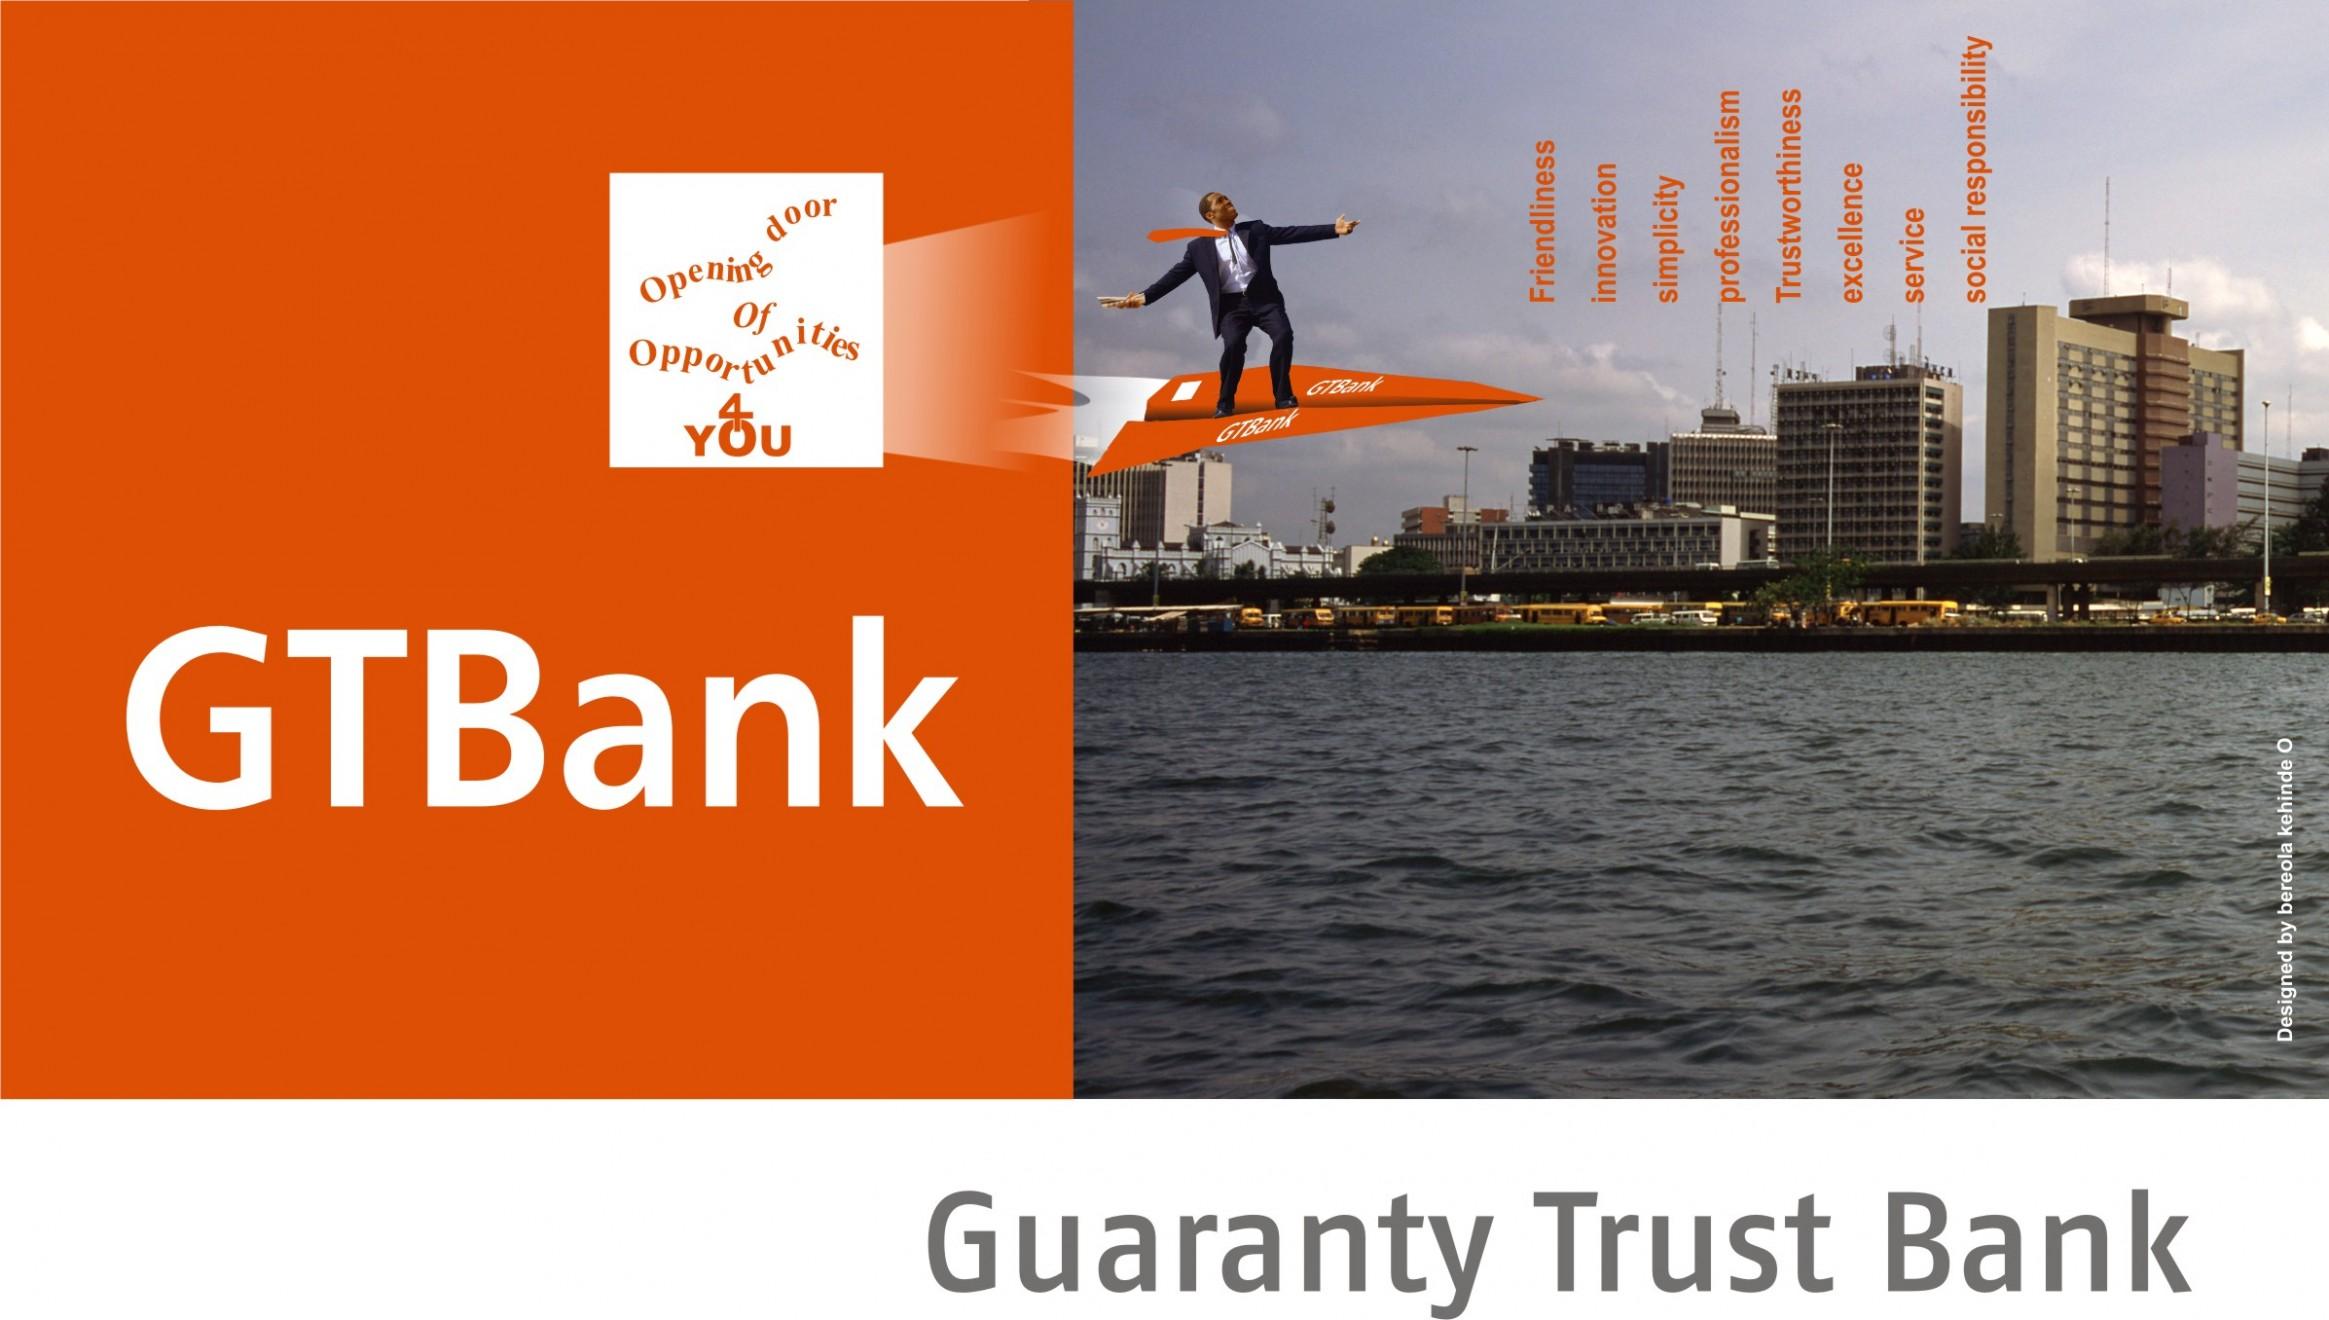 GTB e1450688548585 - GTB gross N302bn, declares N121bn pre-tax profit